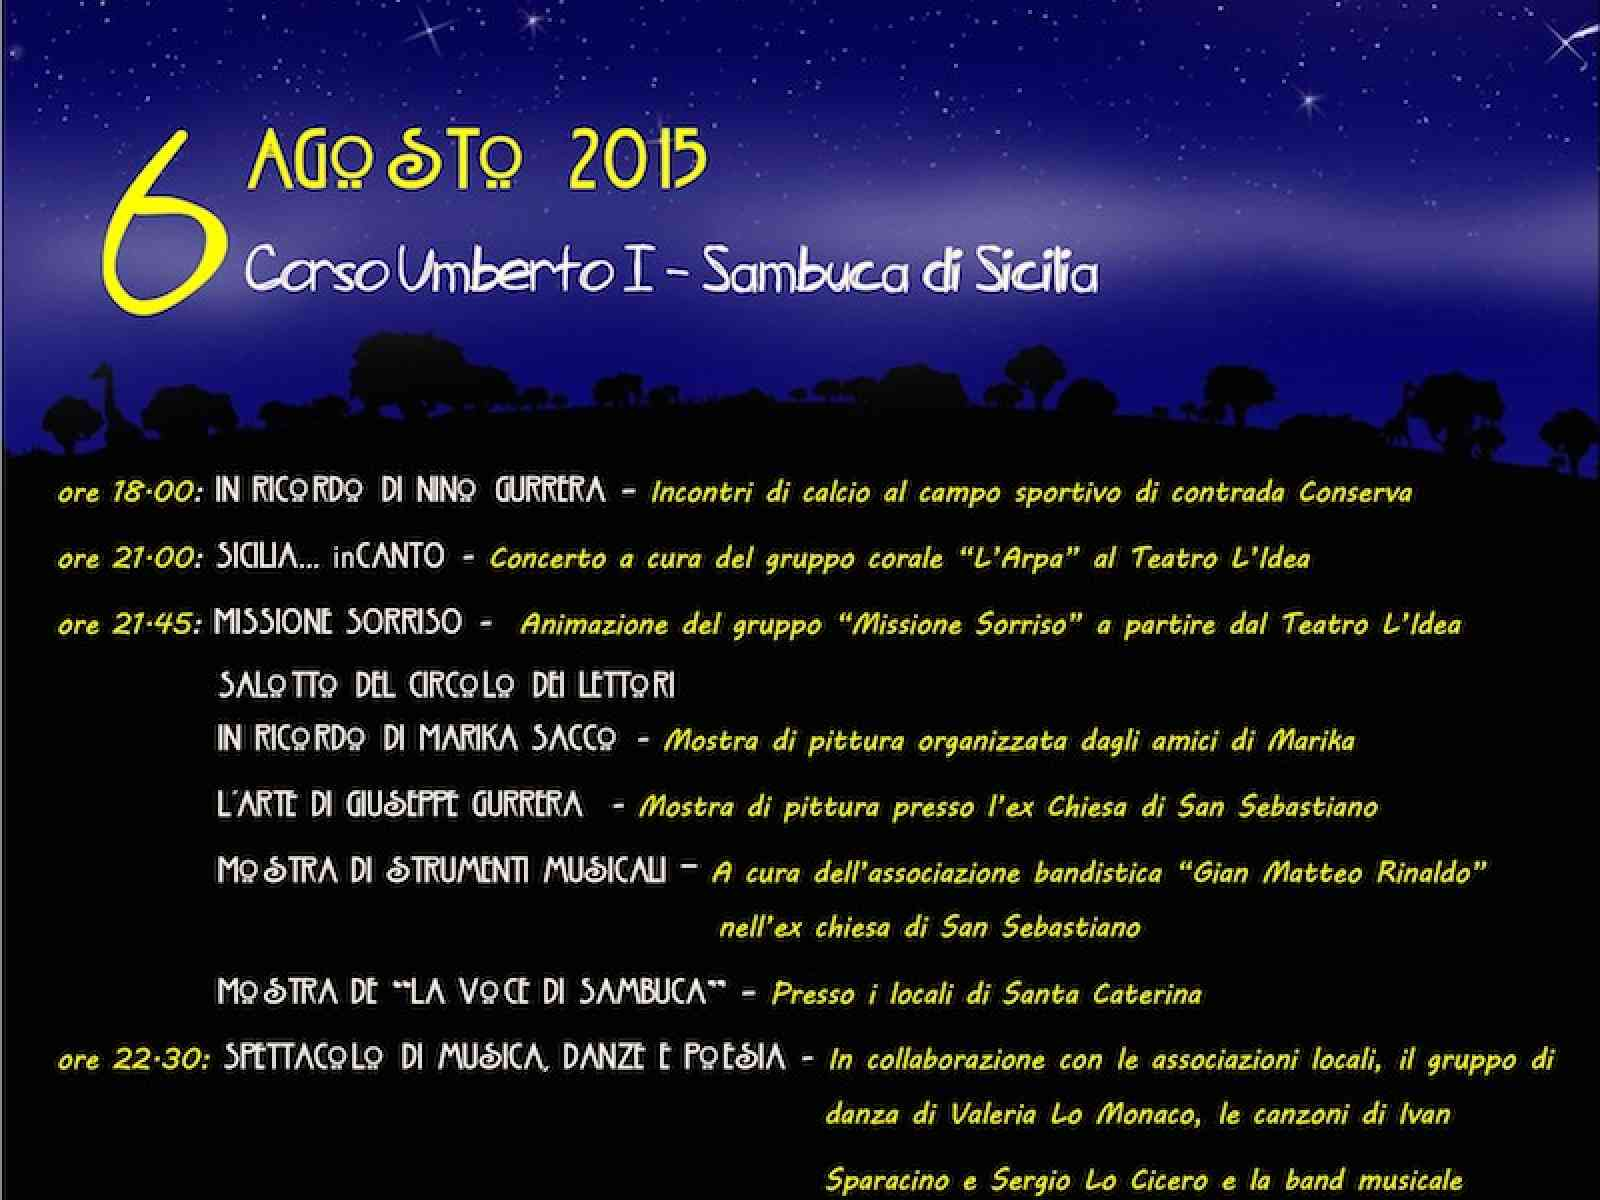 Giovedì 6 è tempo di cultura a Sambuca di Sicilia per la Notte Bianca della cultura